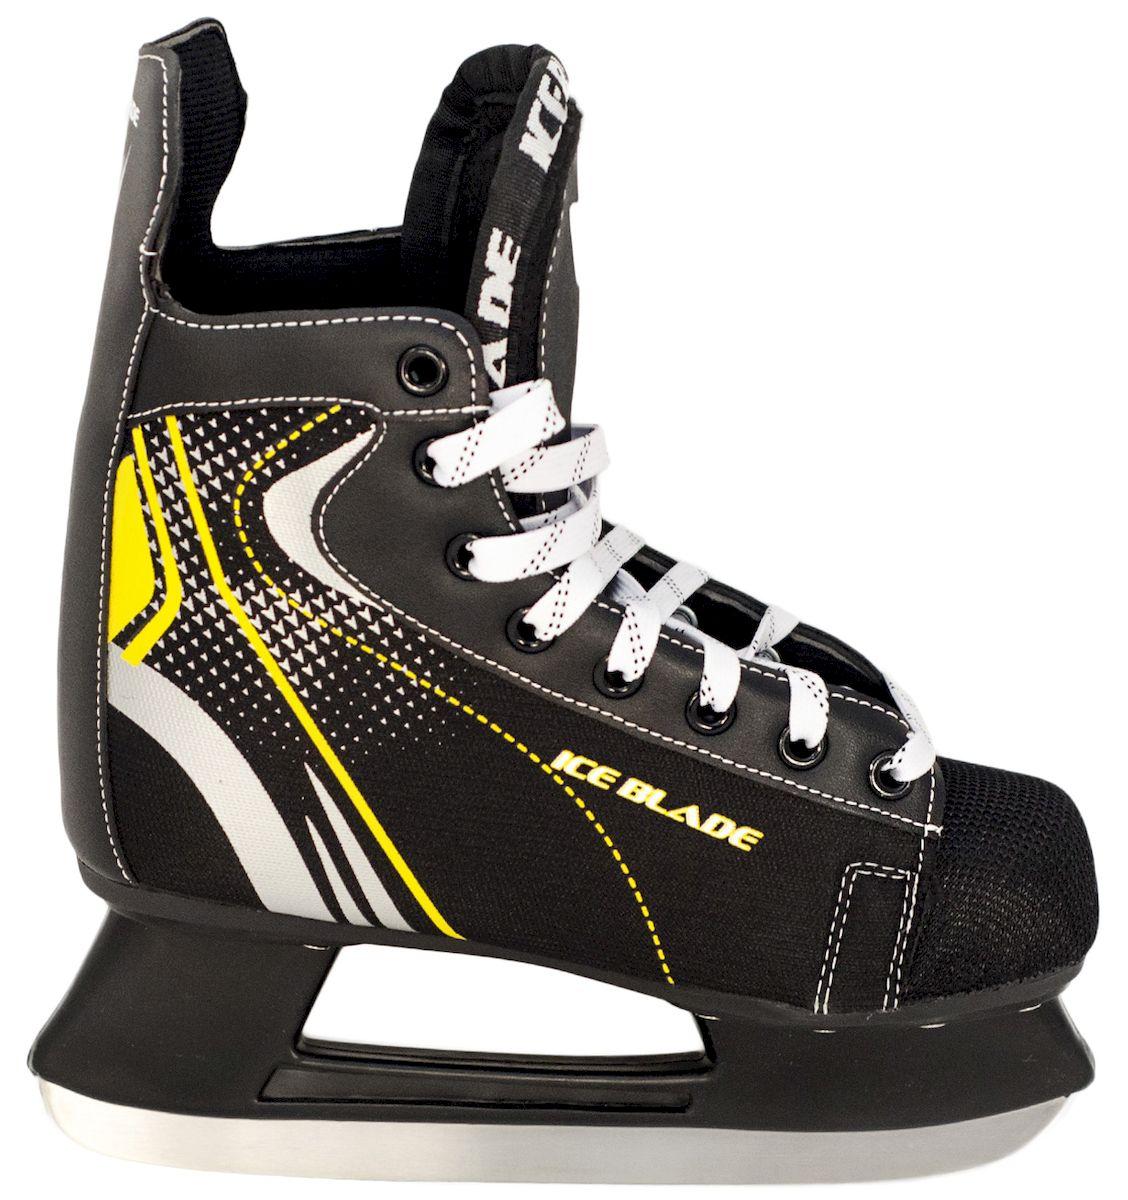 Коньки хоккейные Ice Blade Shark, цвет: черный, желтый. УТ-00006841. Размер 35